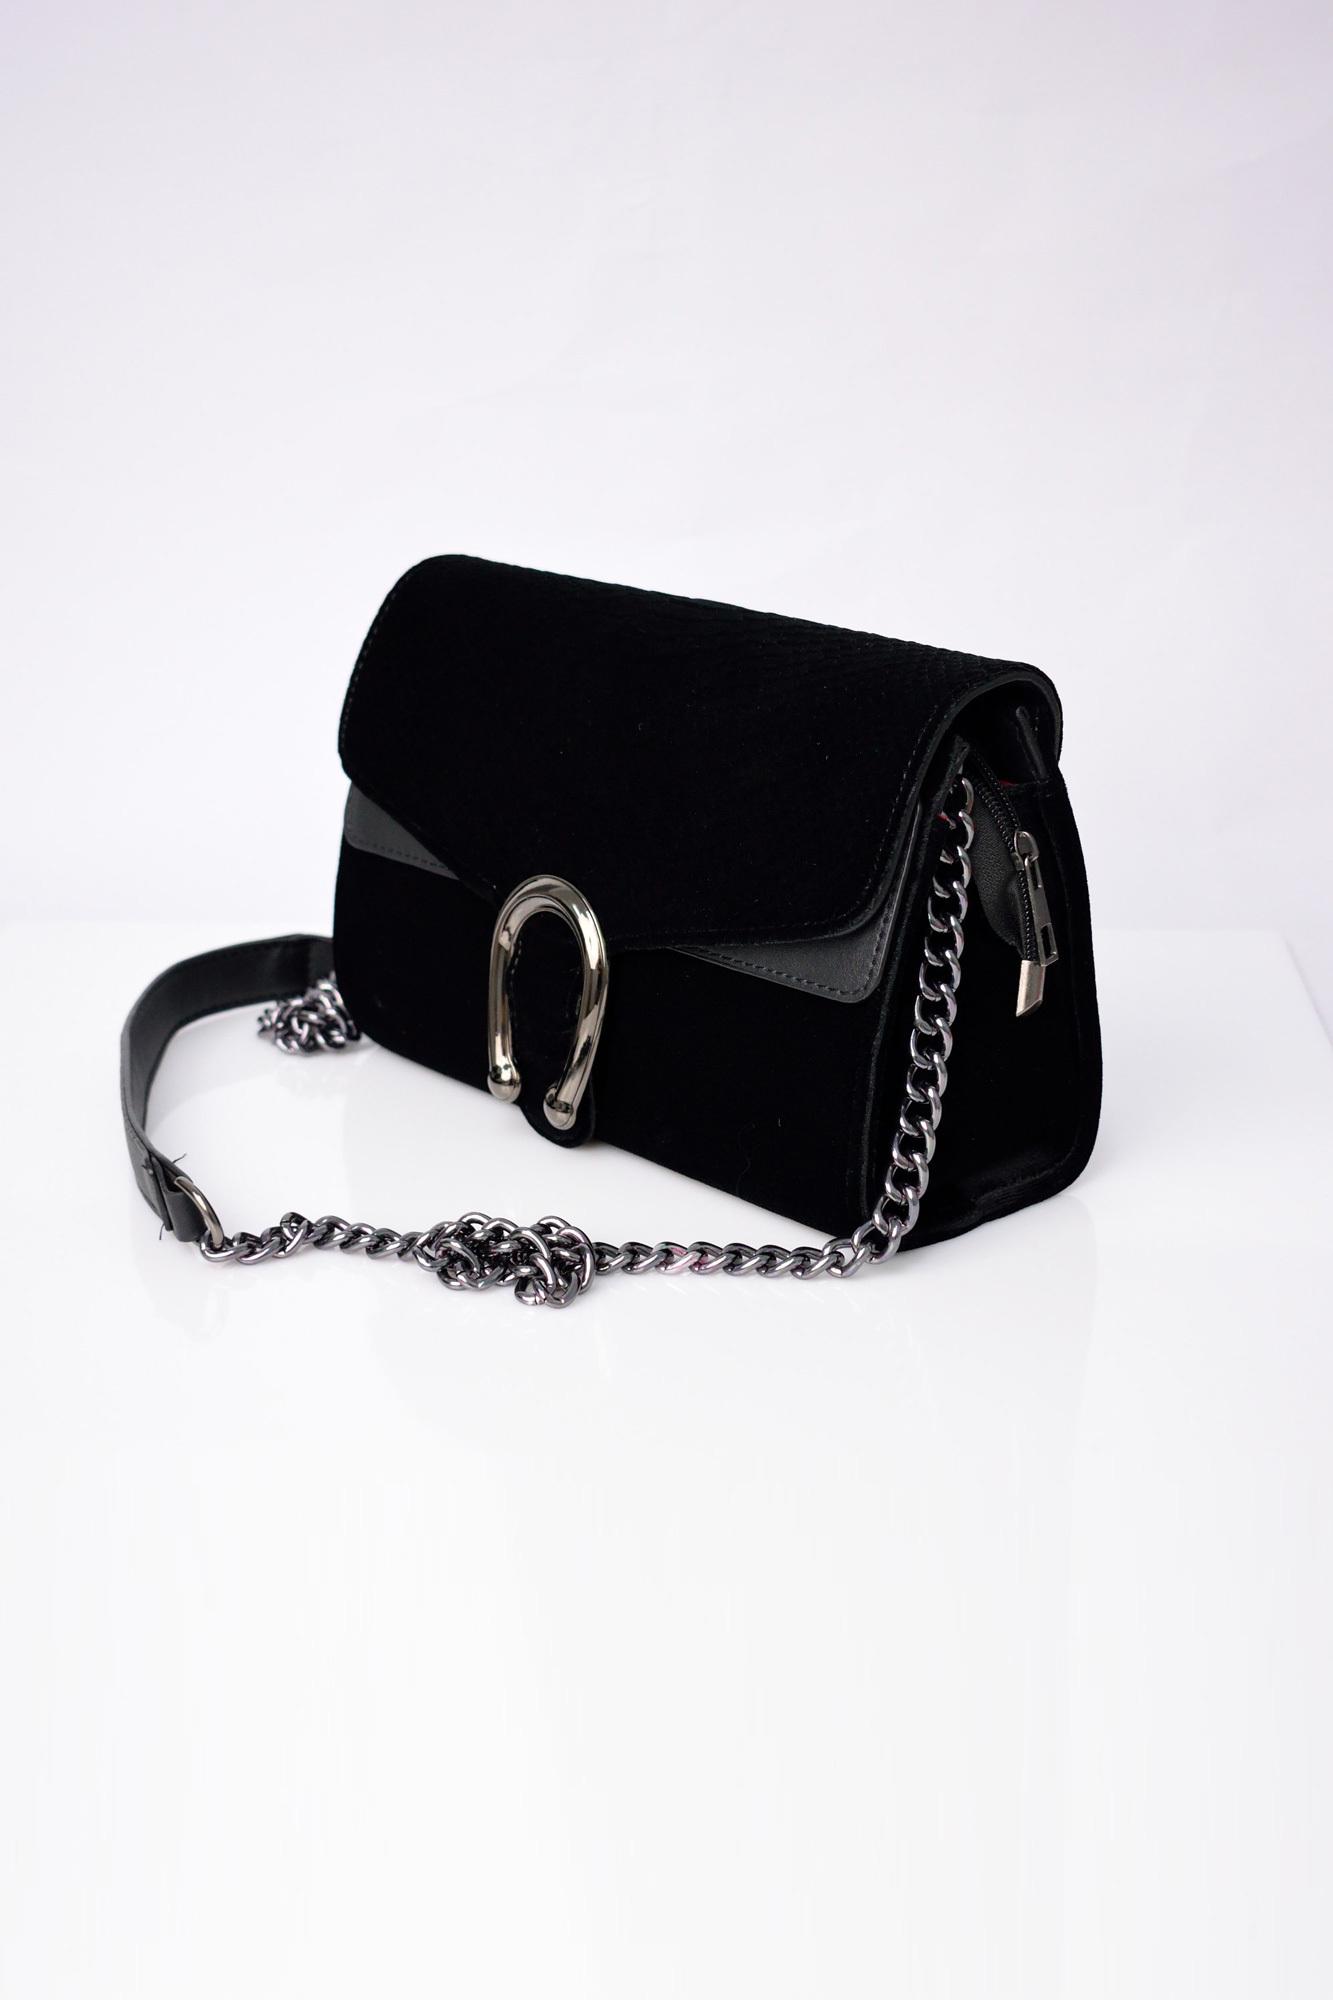 bdf1c1054f Γυναικεία βελούδινη τσάντα με αλυσίδα. Tap to expand